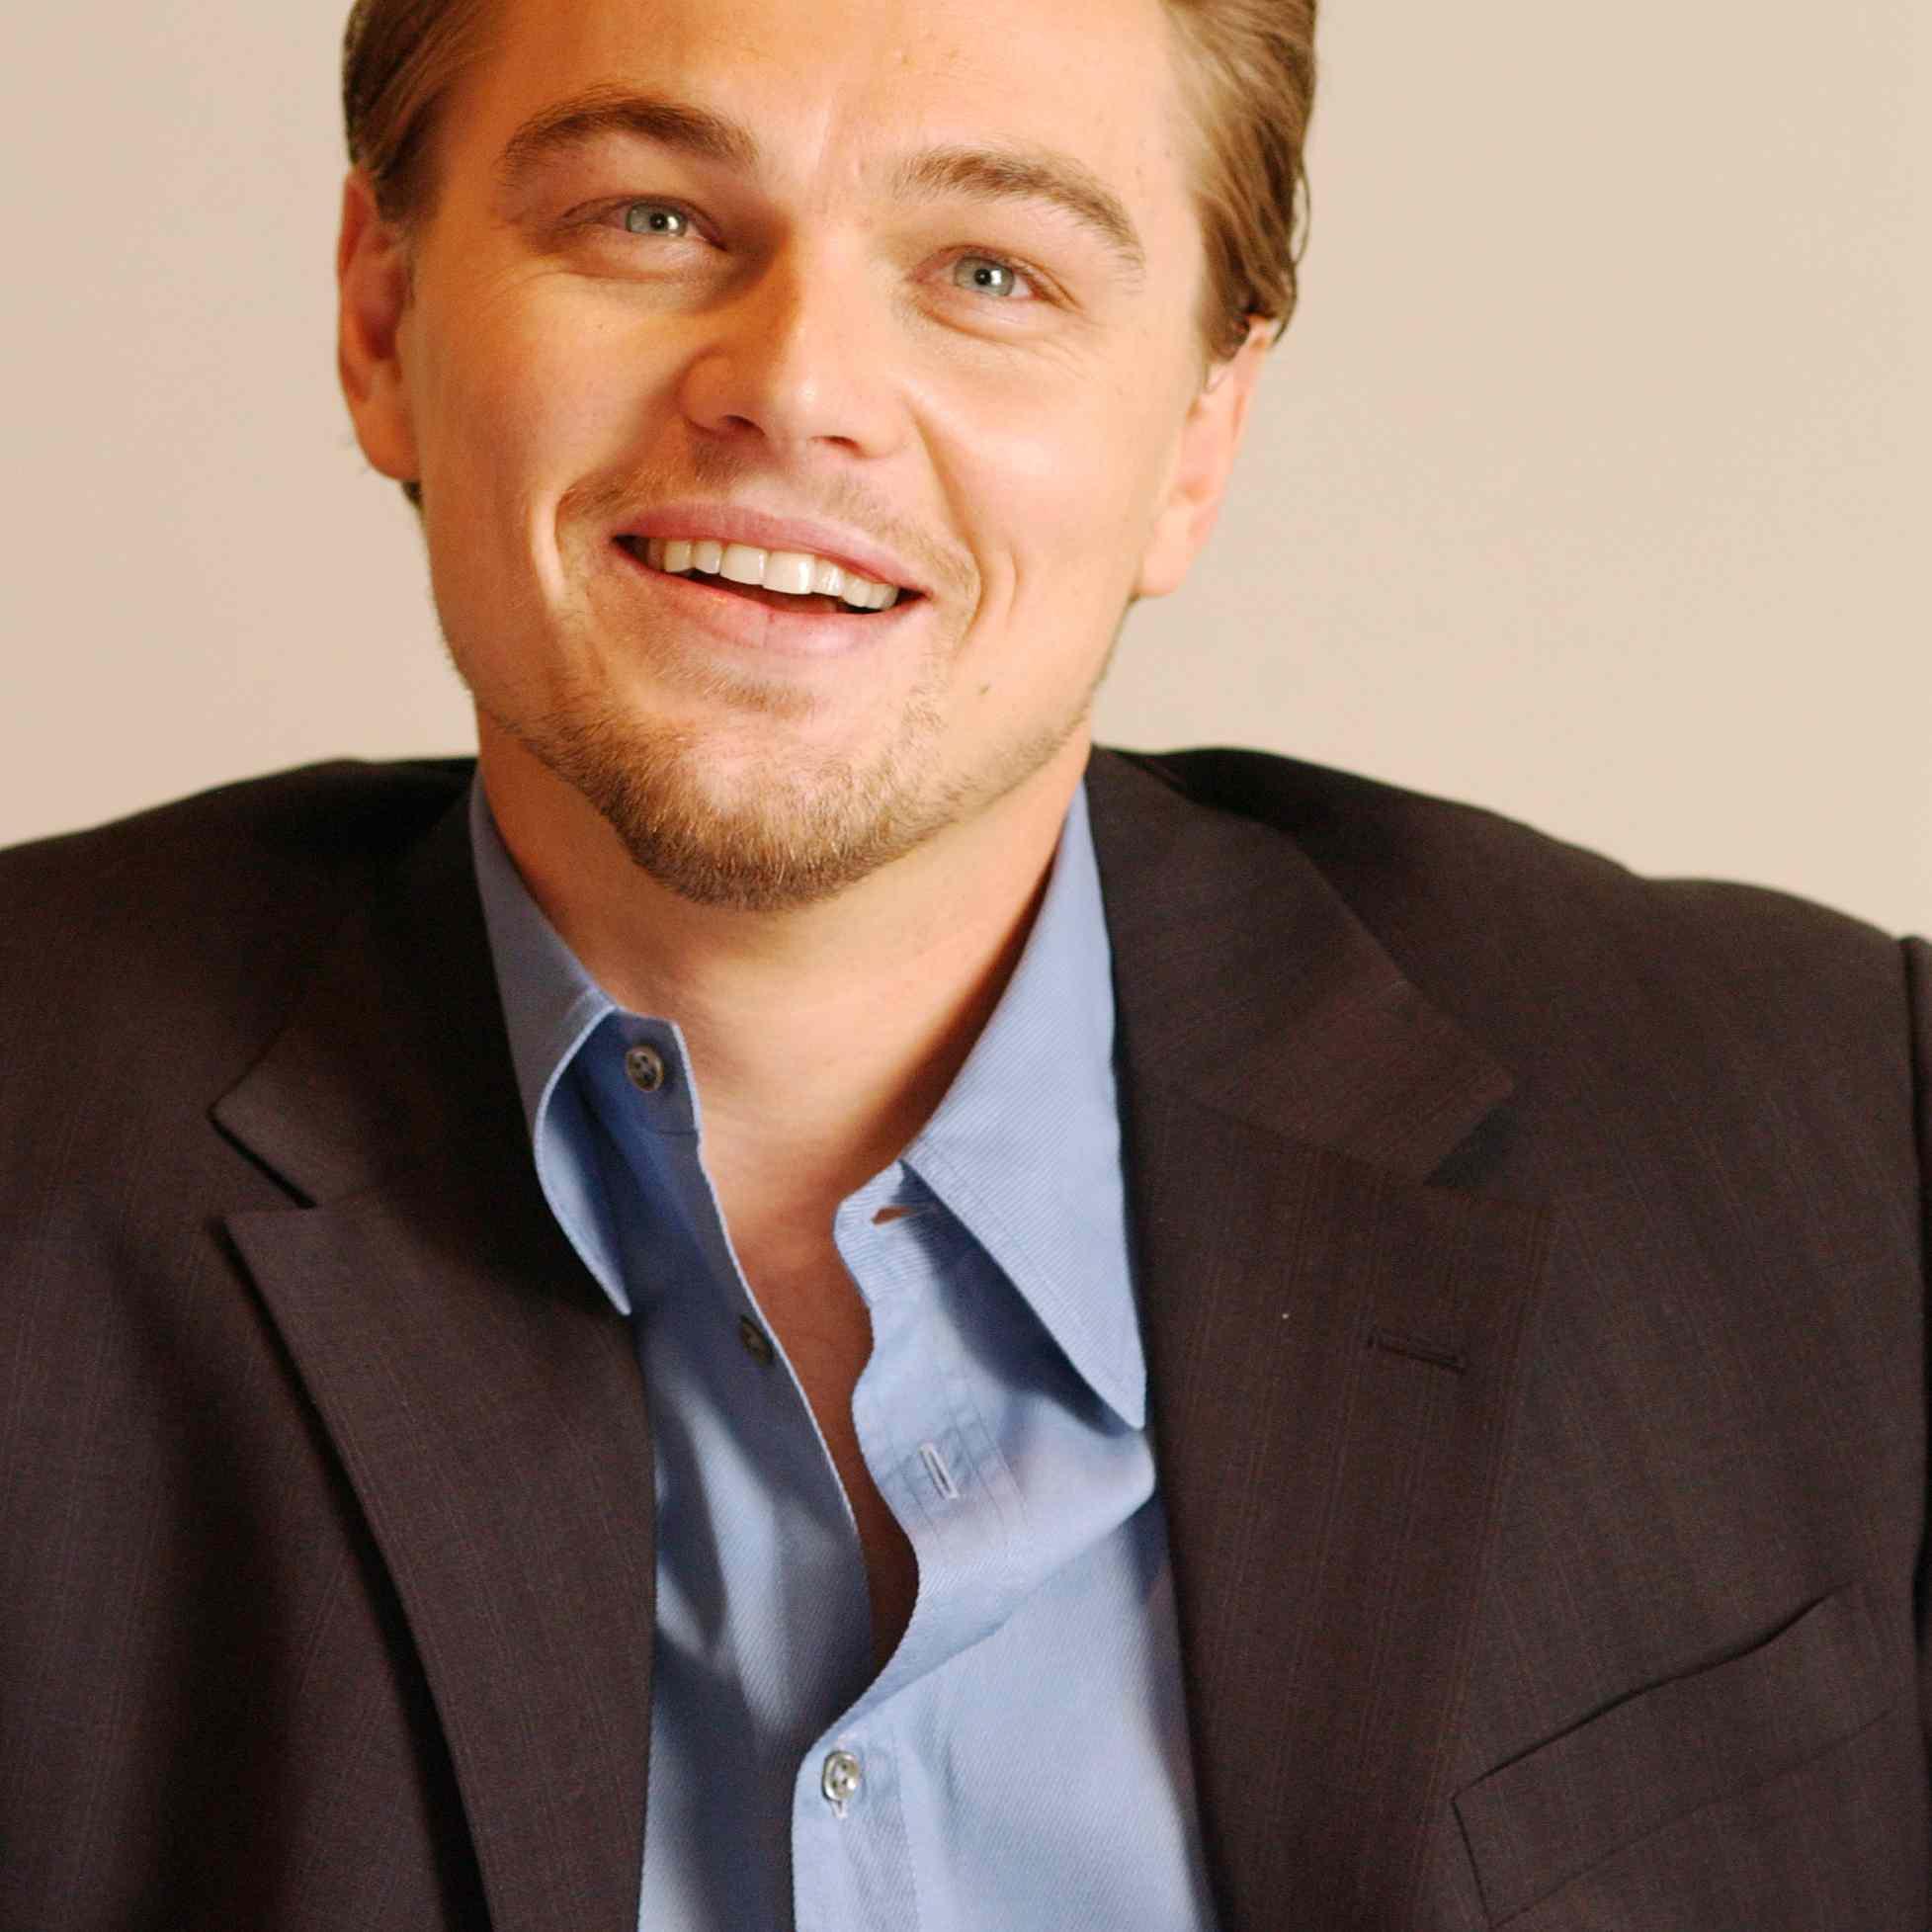 Leonardo DiCaprio Hair 2004